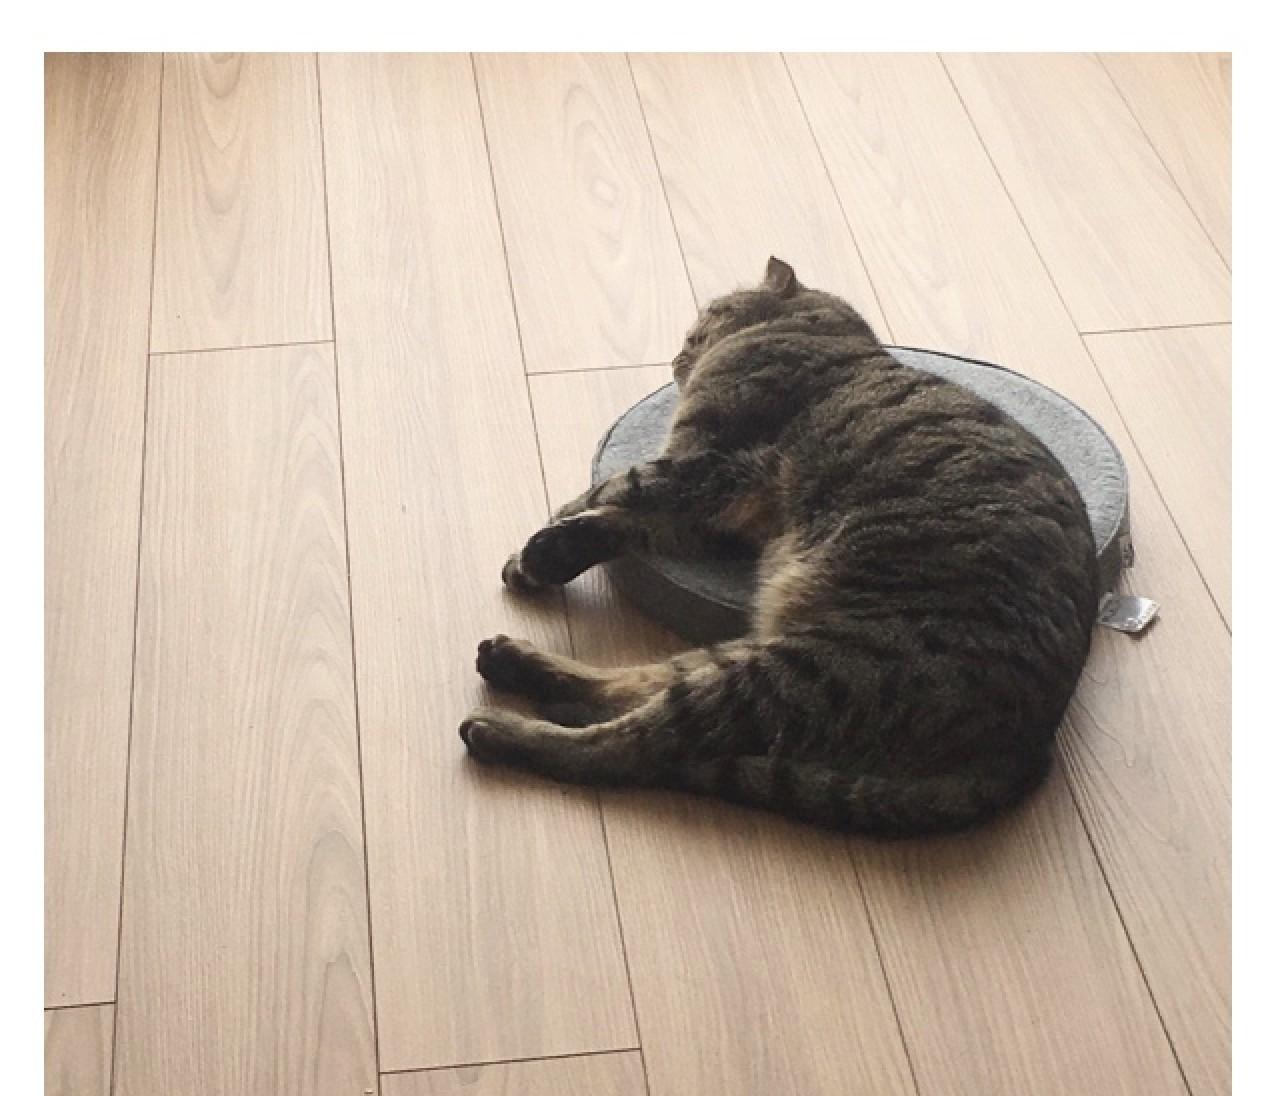 【エディターのおうち私物#68】癒される!「気持ちよさそうな熟睡猫」